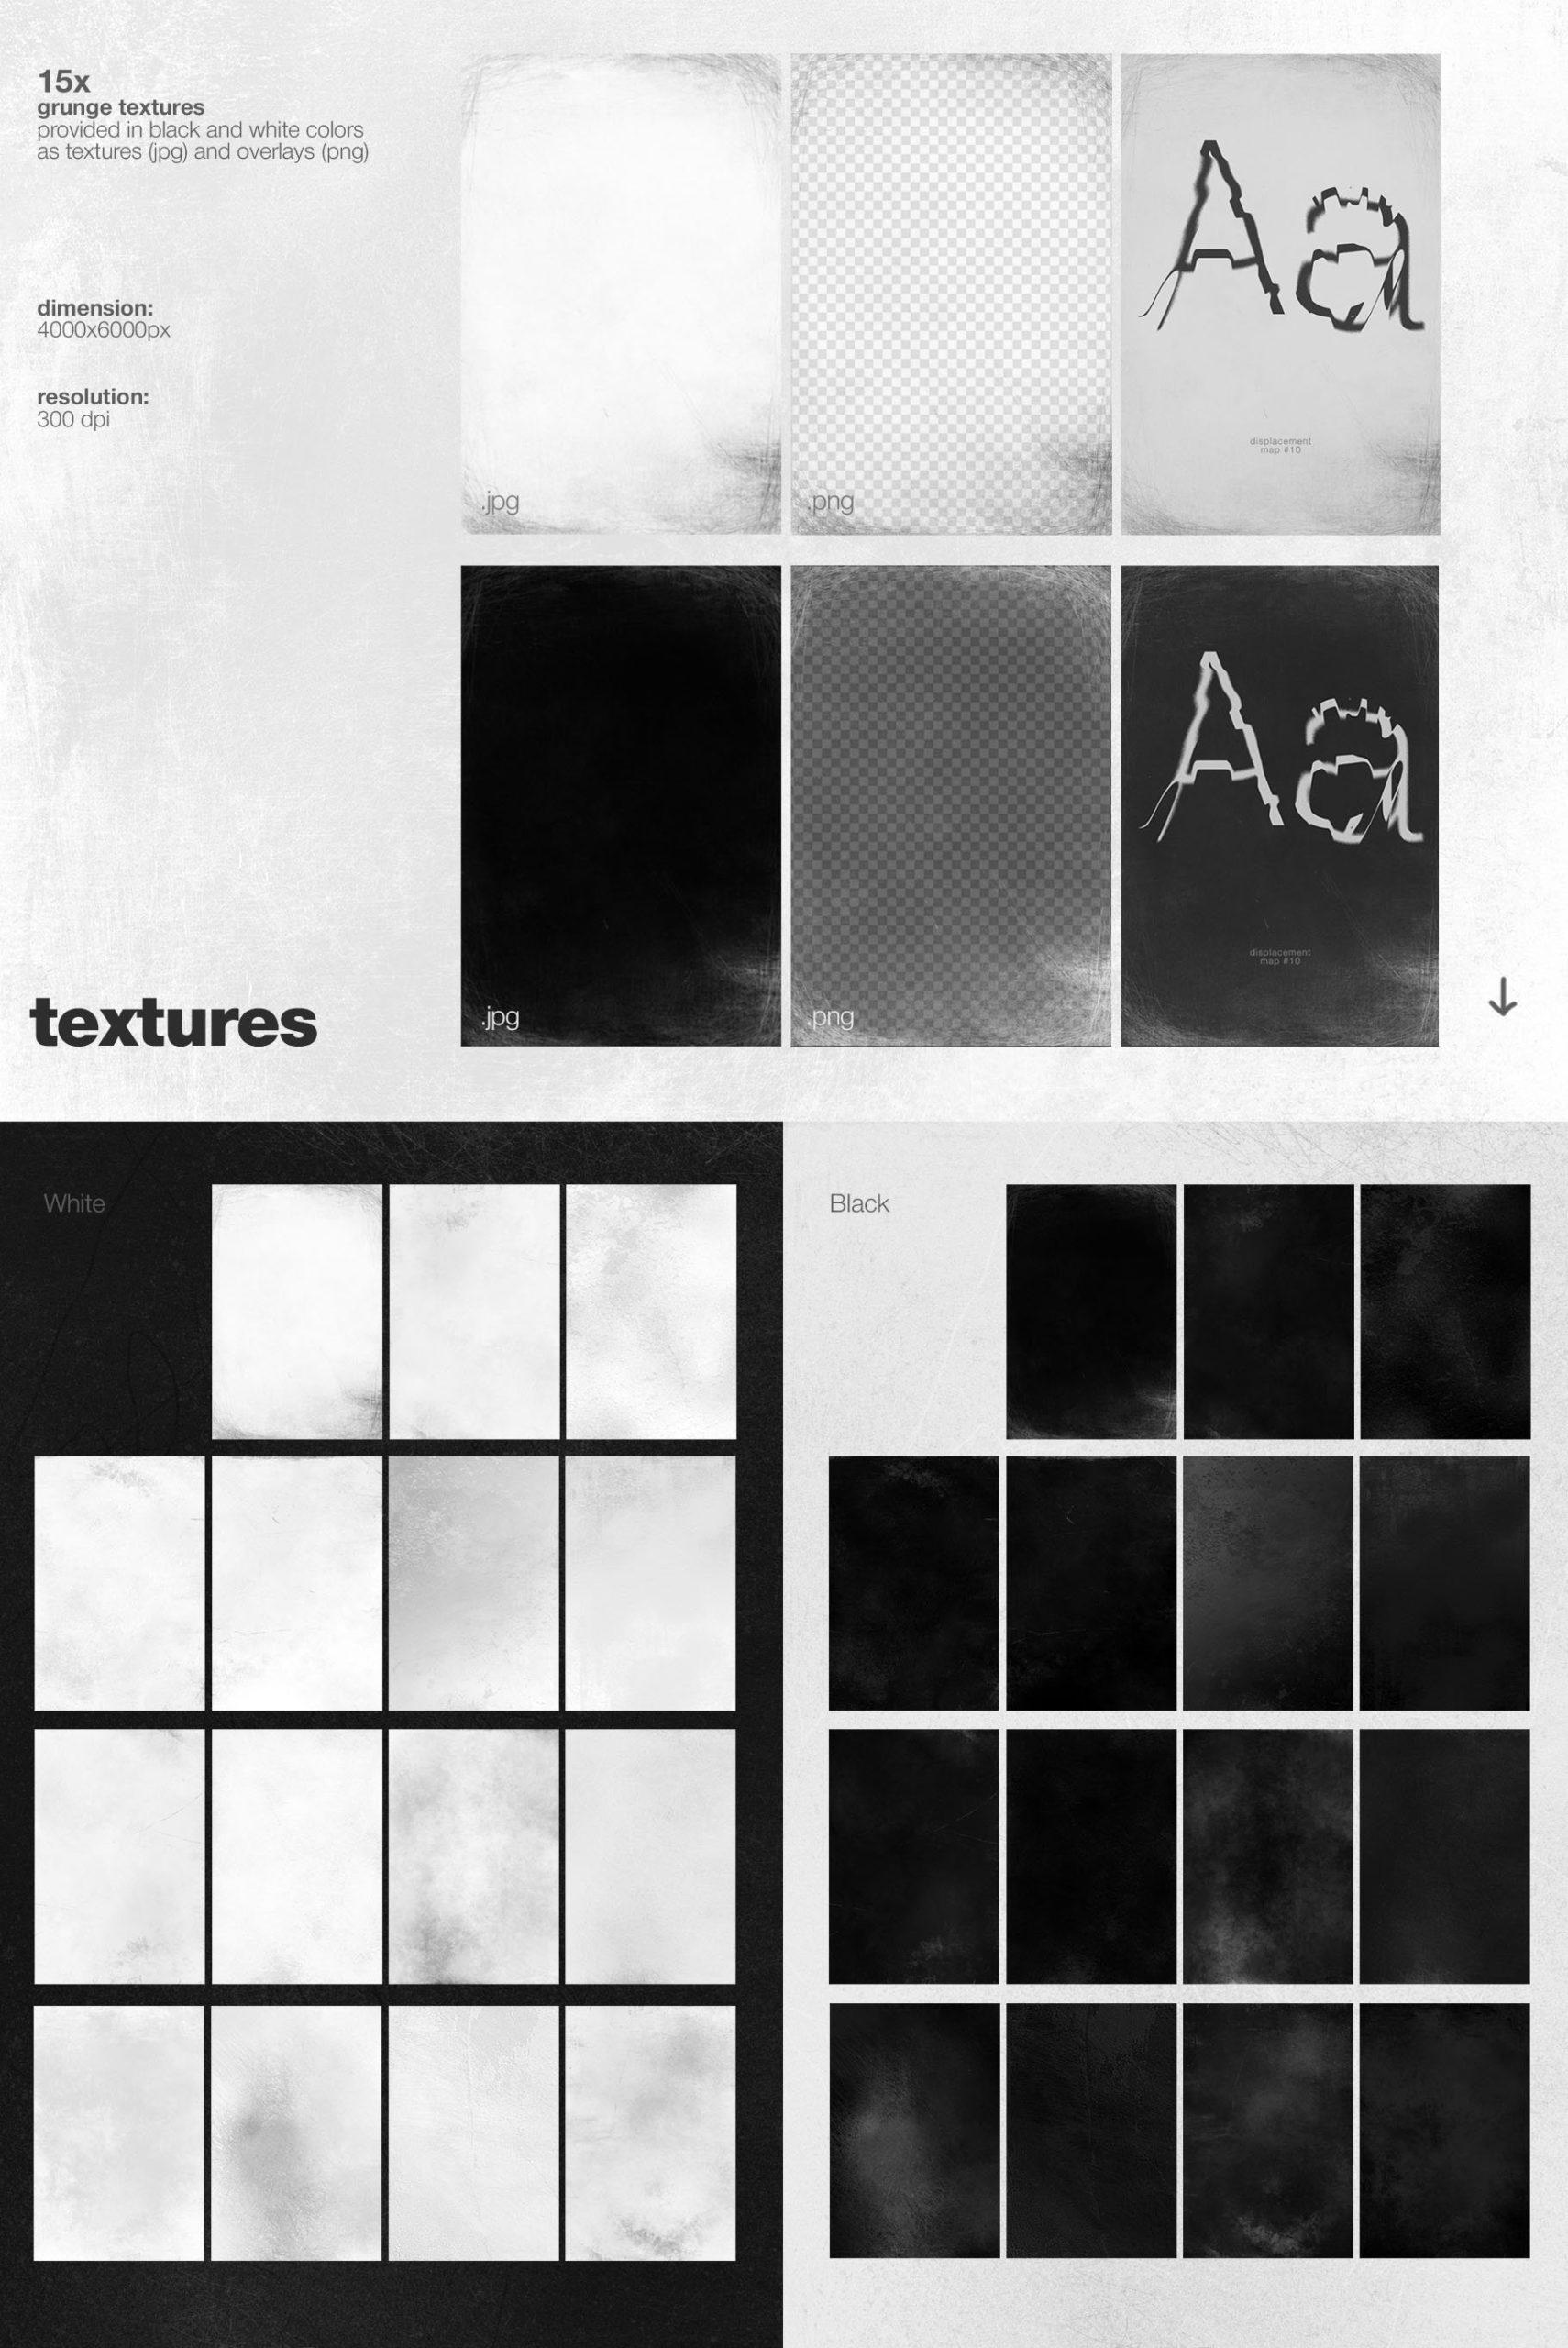 潮流创意抽象故障扭曲置换海报字体特效PS设计素材 Kinetic – Displacement Maps插图9